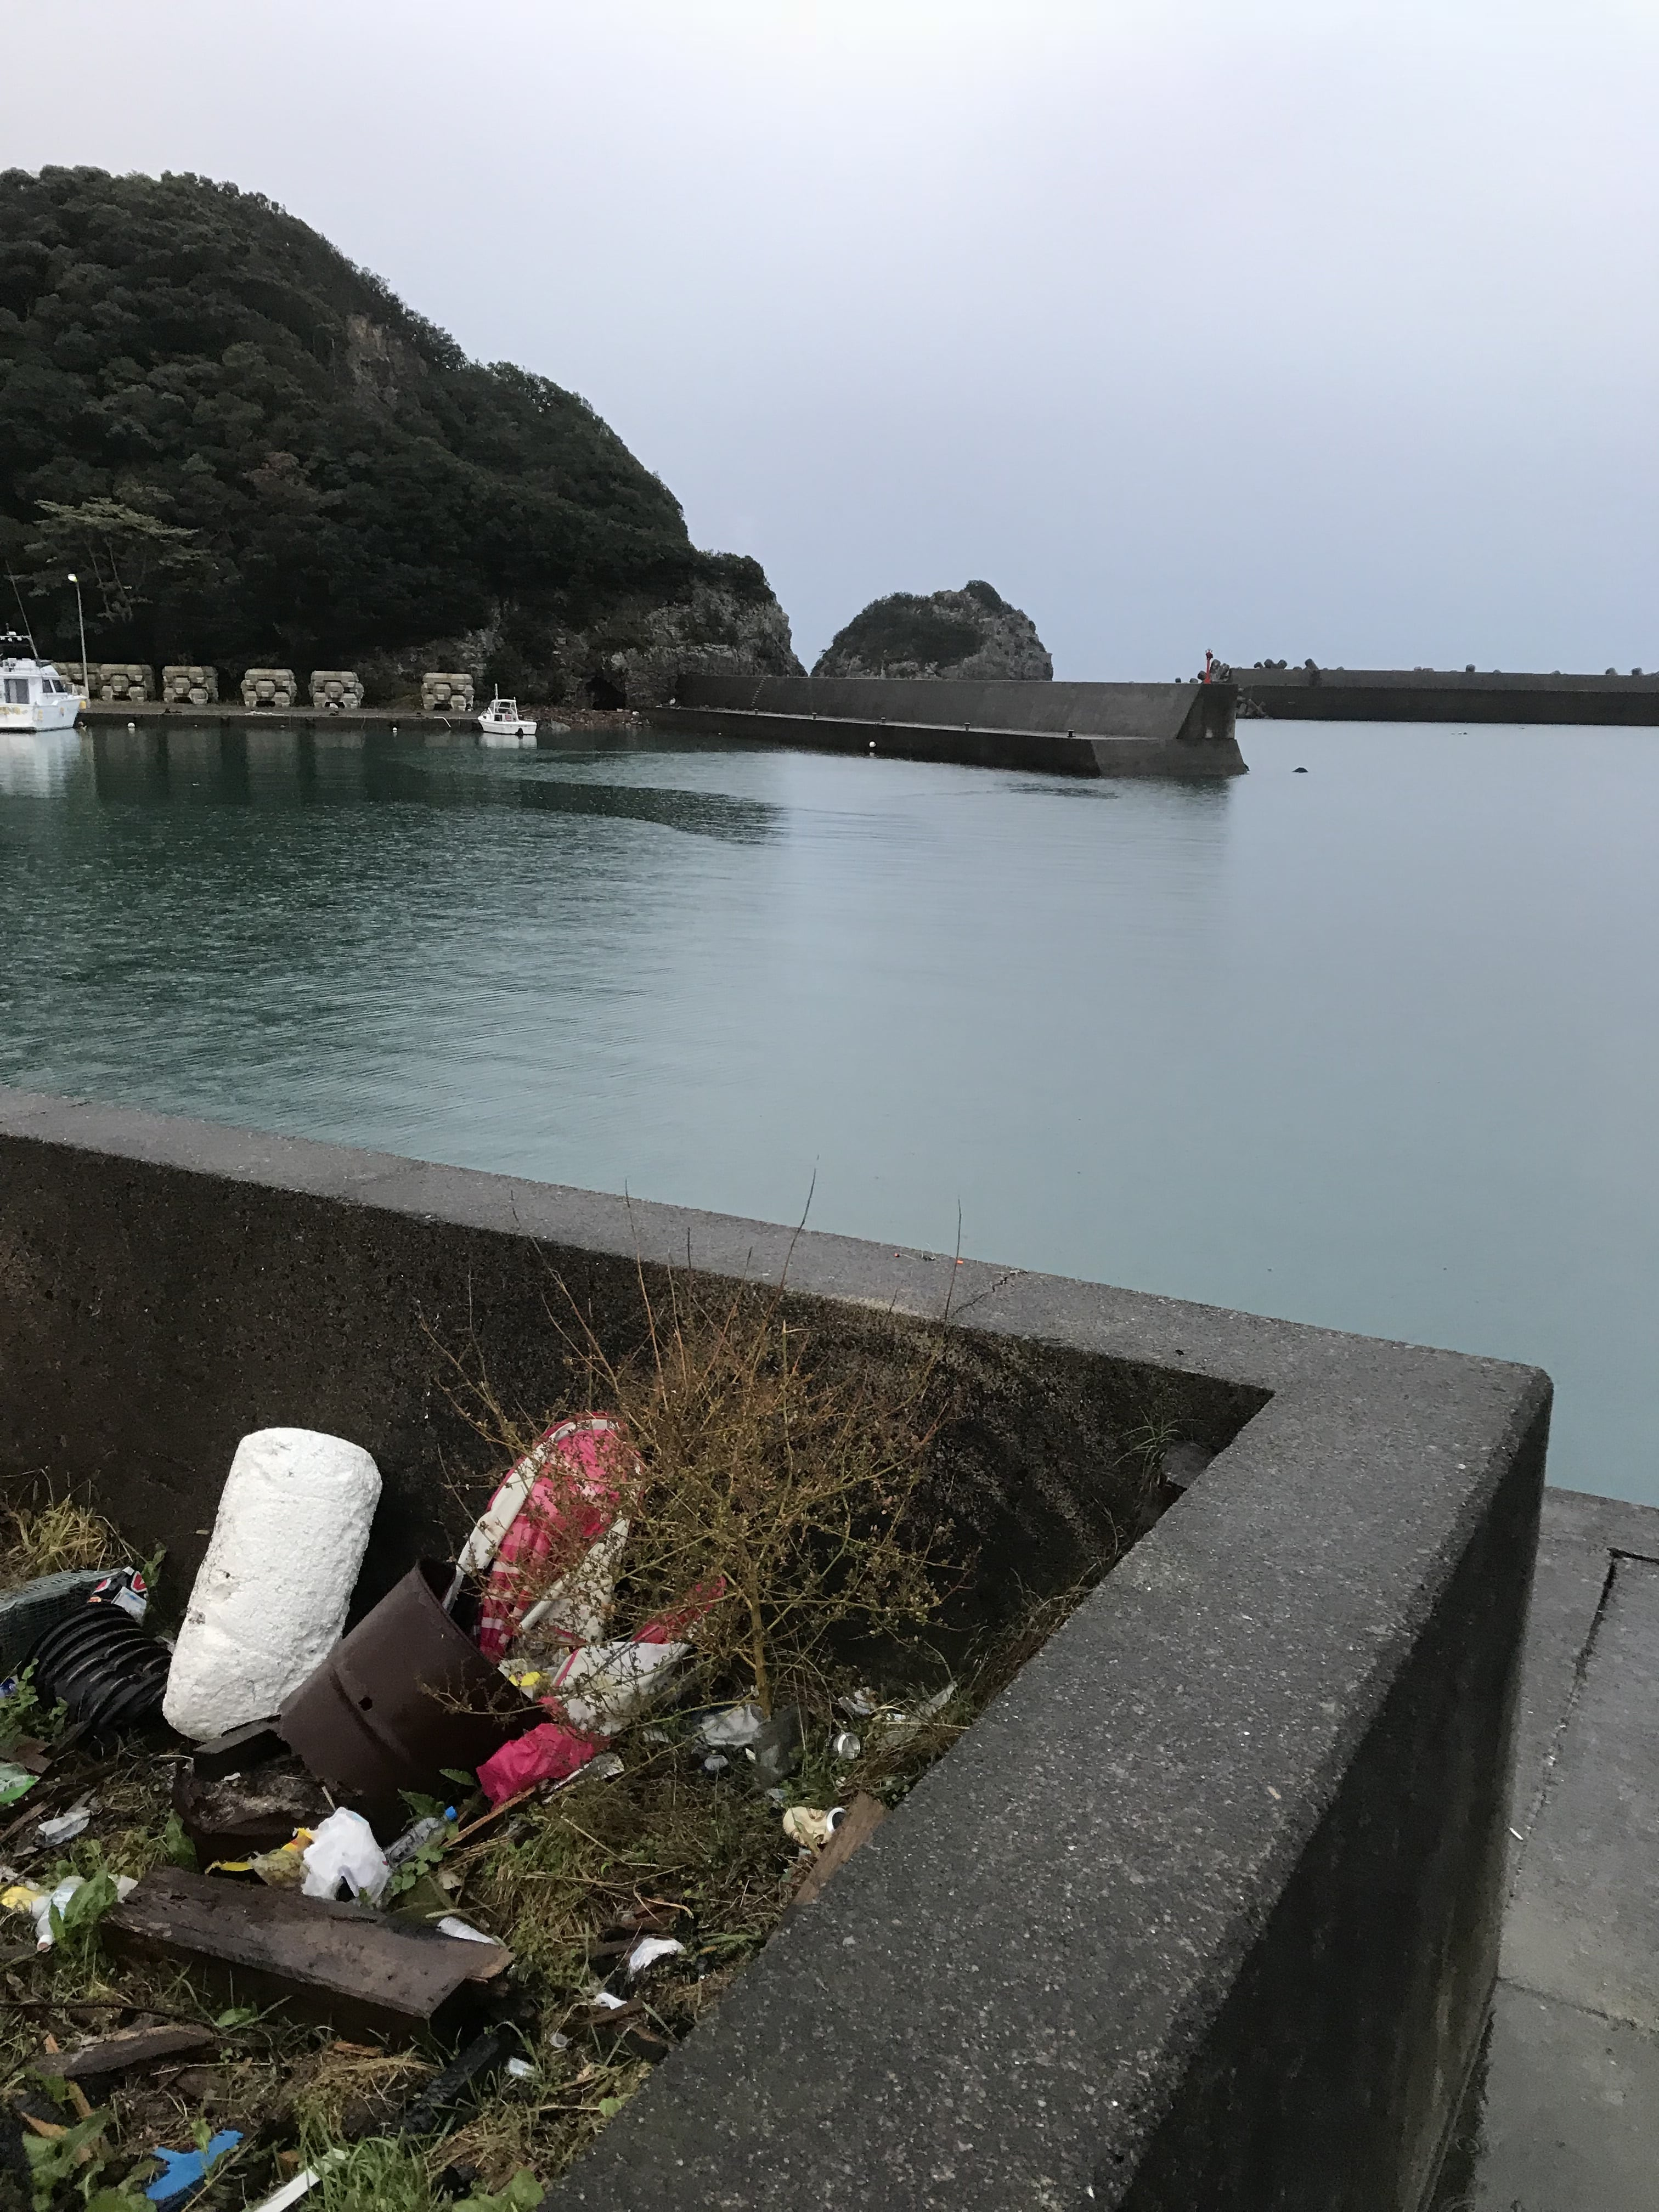 紀伊有田漁港の釣り場紹介、和歌山県南紀串本の常夜灯の明るいエギングとシーバス狙いにオススメの漁港